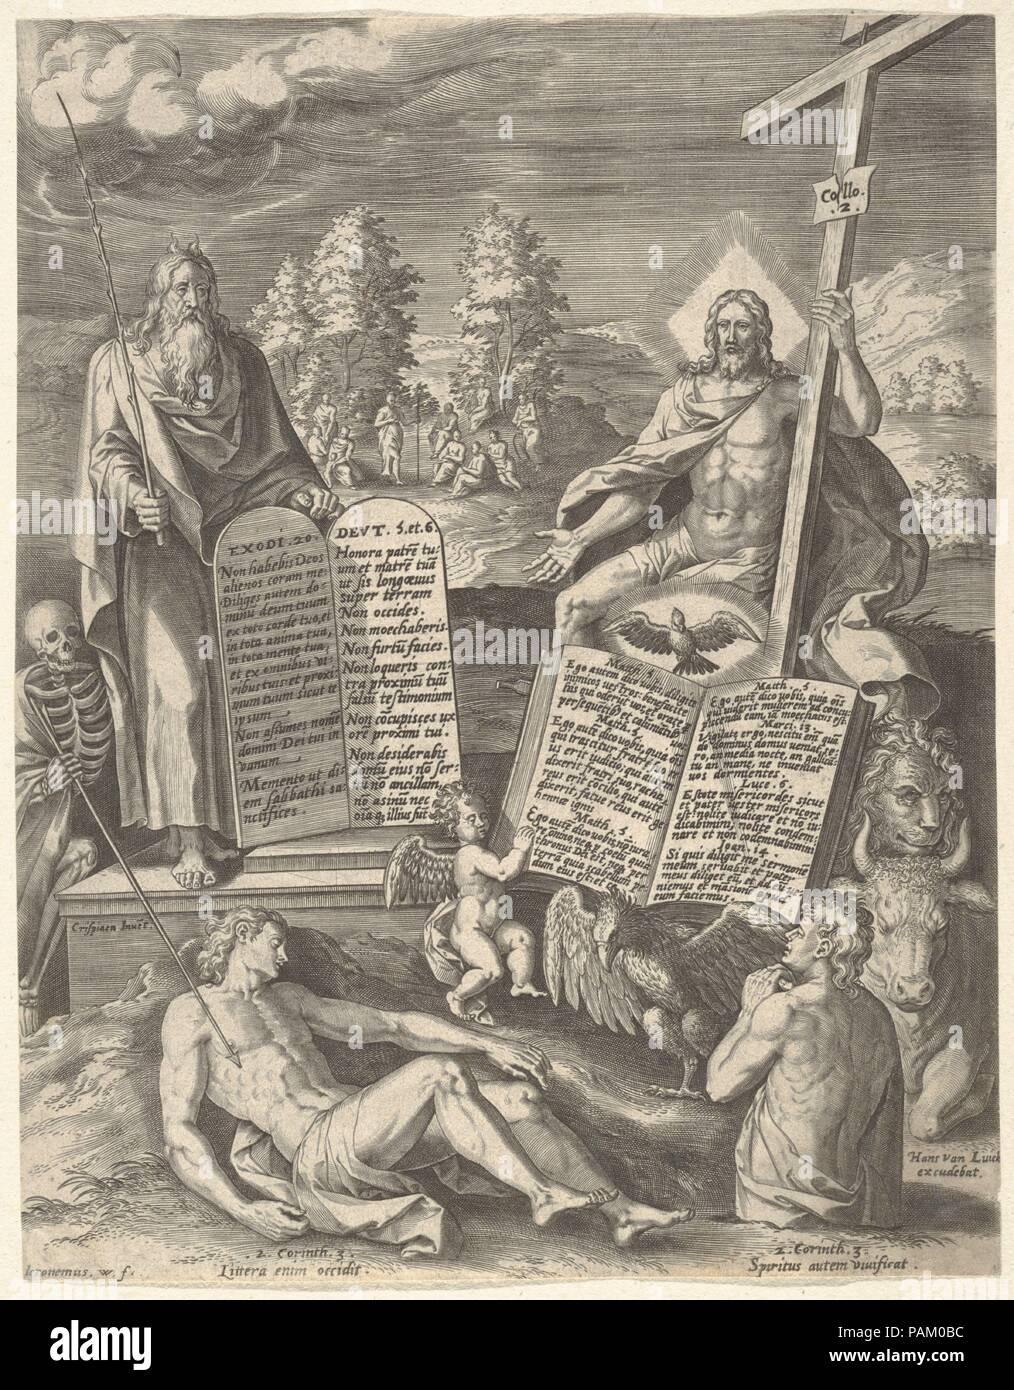 Allegoria della salvezza dell umanità (Allegoria della Legge antica e nuova). Artista: Hieronymus (Girolamo) Wierix (Netherlandish, ca. 1553-1619 Anversa); dopo Crispijn van den Broeck (Netherlandish, Mechelen ca. 1524-ca. 1591 Anversa). Dimensioni: foglio: 10 1/4 x 7 15/16 in. (26 x 20,2 cm). Data: n.d.. Museo: Metropolitan Museum of Art di New York, Stati Uniti d'America. Foto Stock